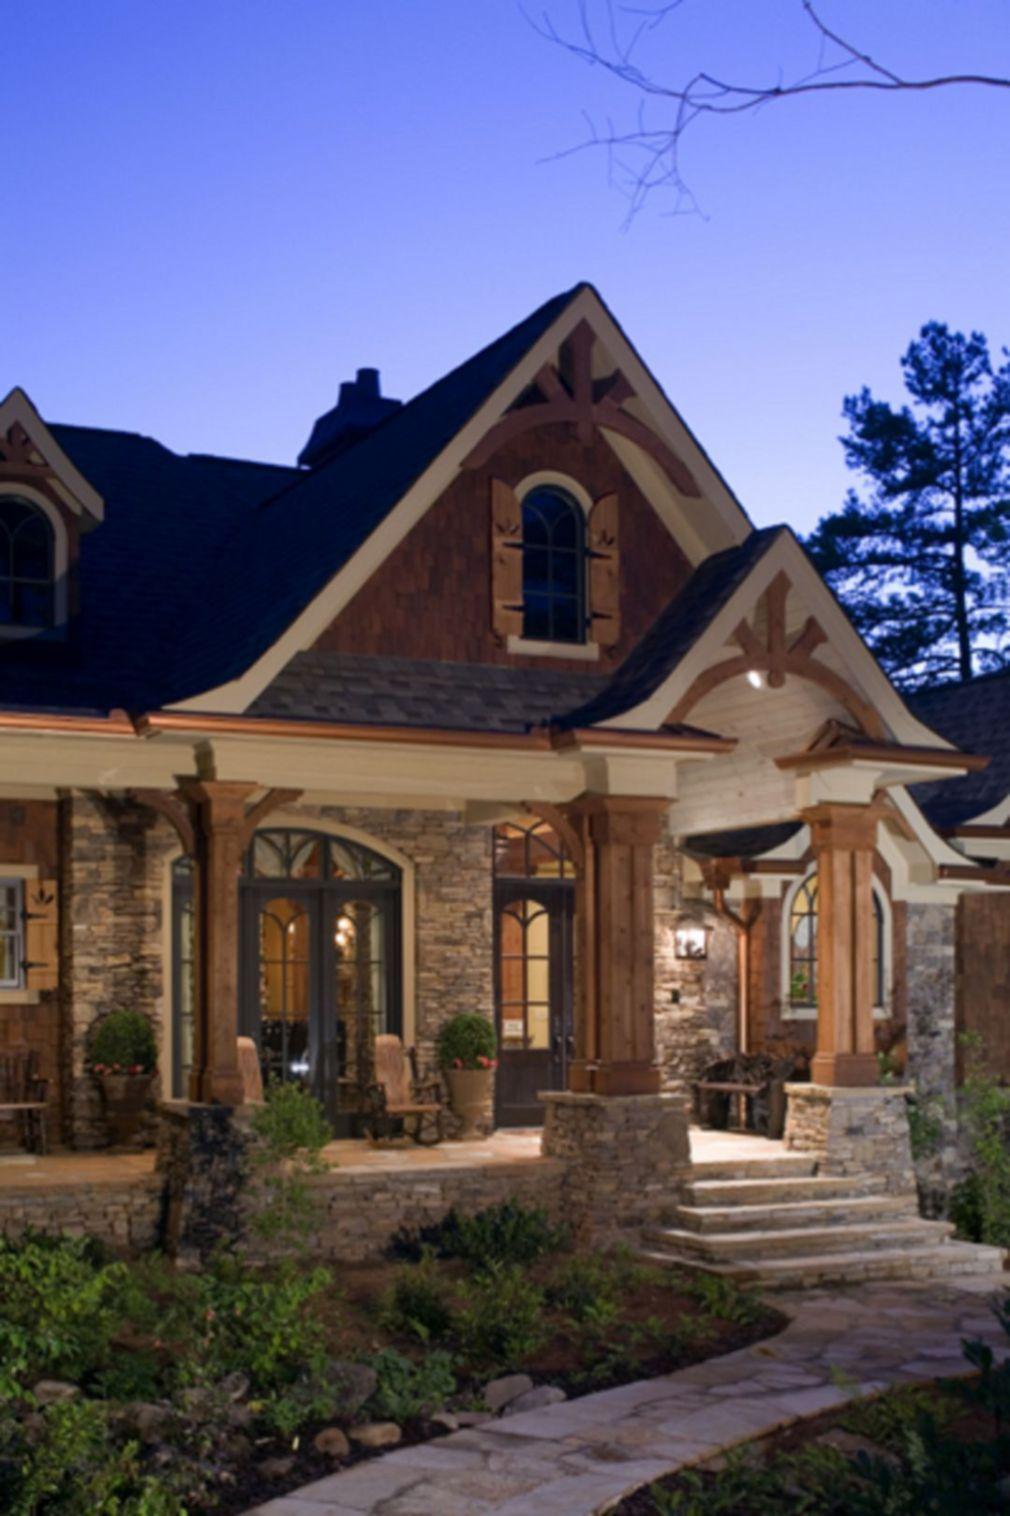 Stone House Design Ideas 417 House Plans Dream House House